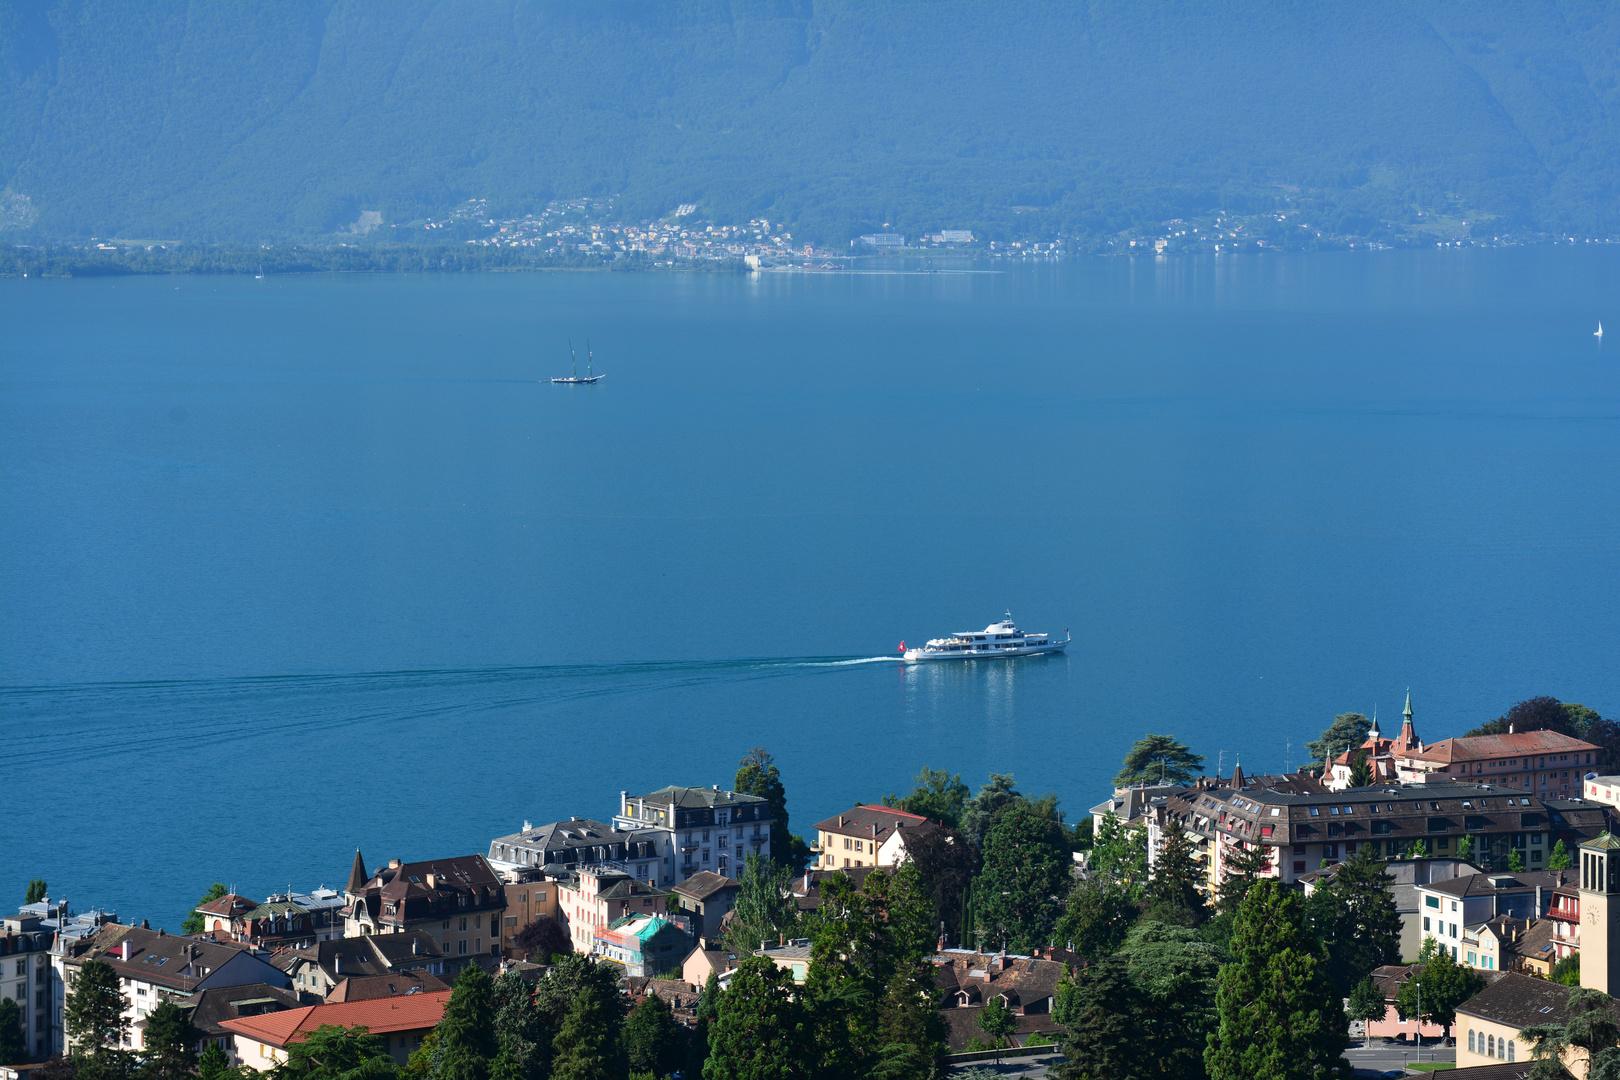 Passagierschiff auf dem Genfer See